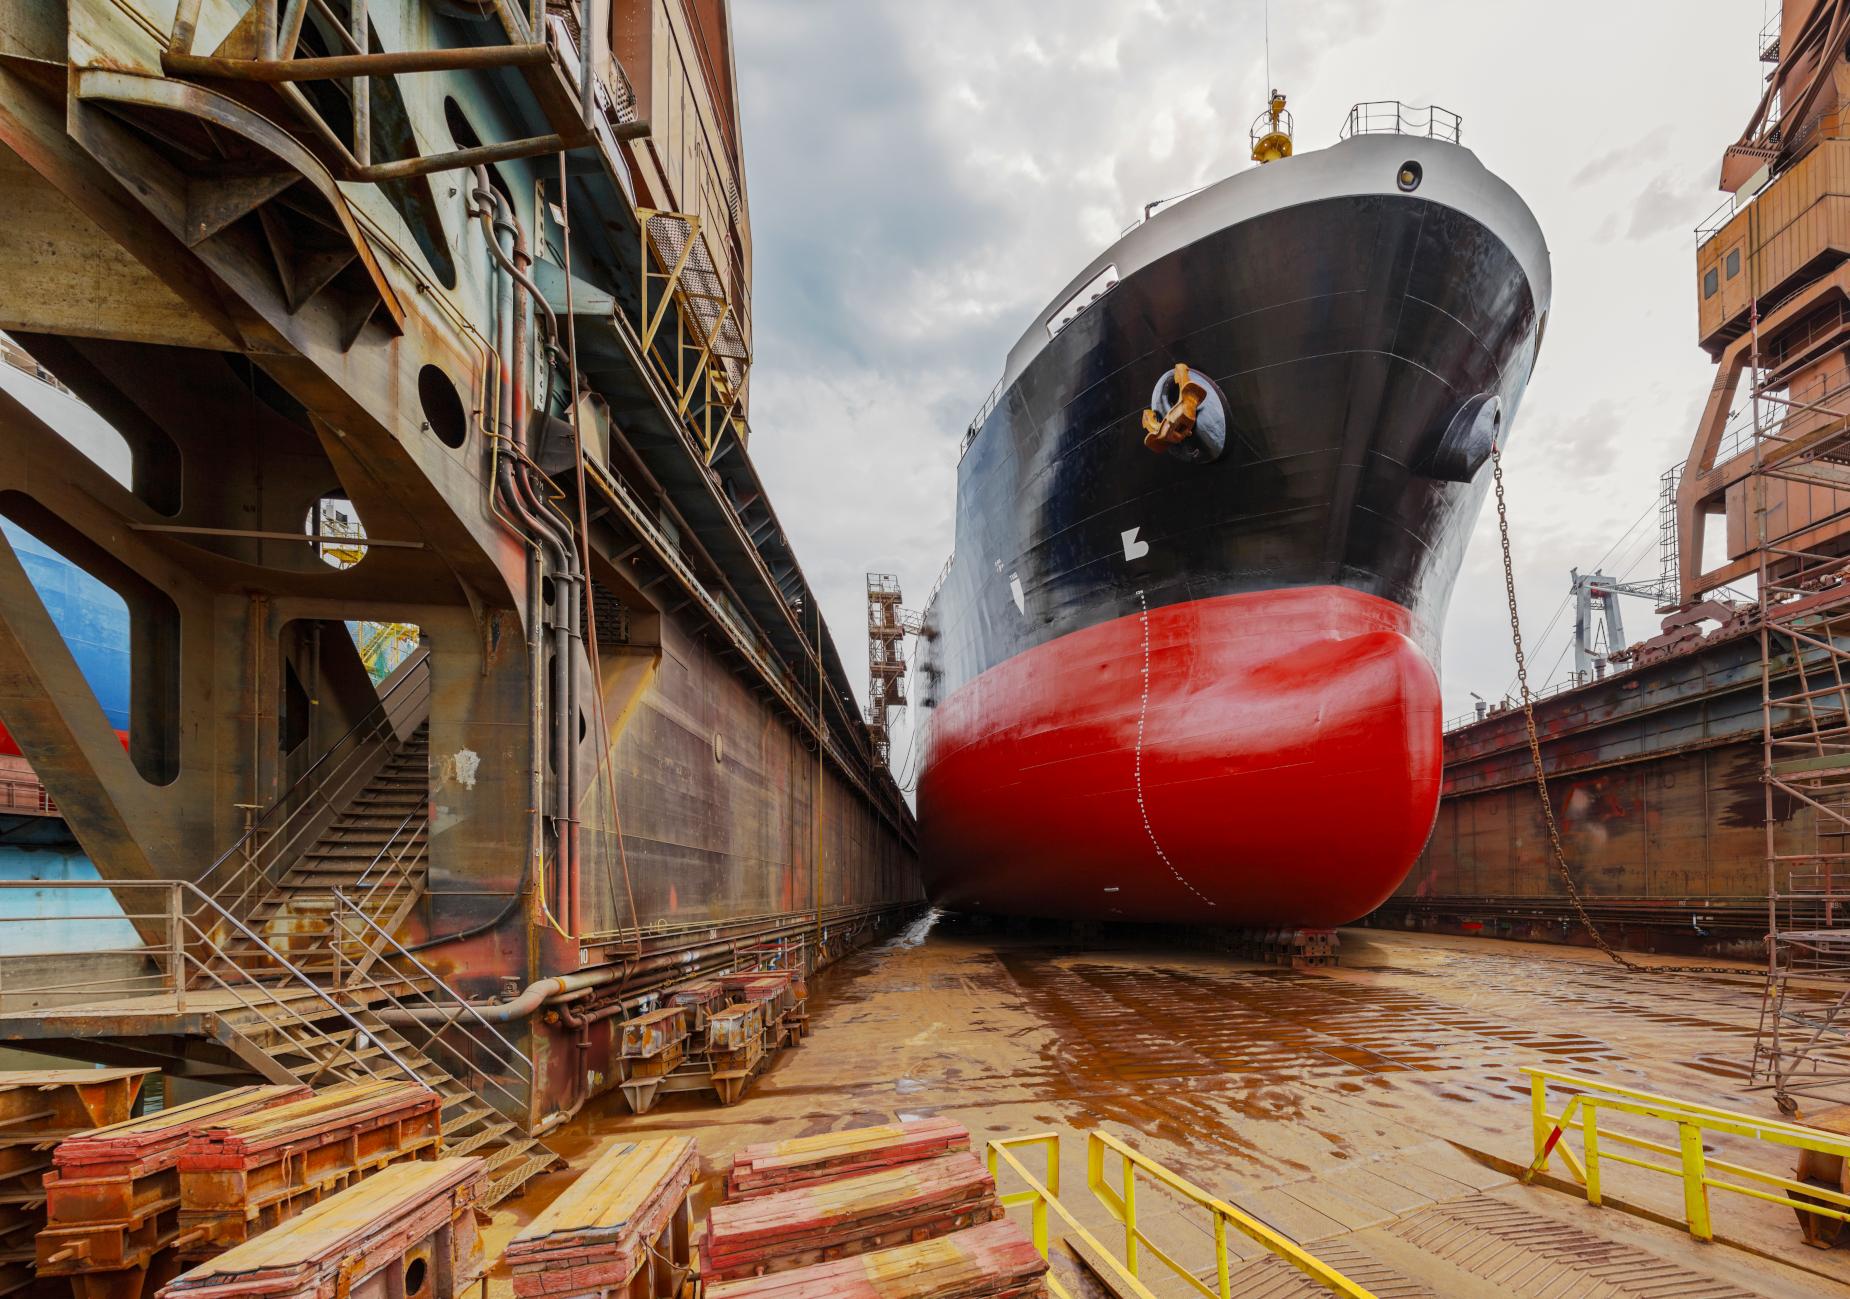 To wielka szansa dla przemysłu stoczniowego. Dofinansowanie udziału w prestiżowych targach stoczniowych w Niemczech